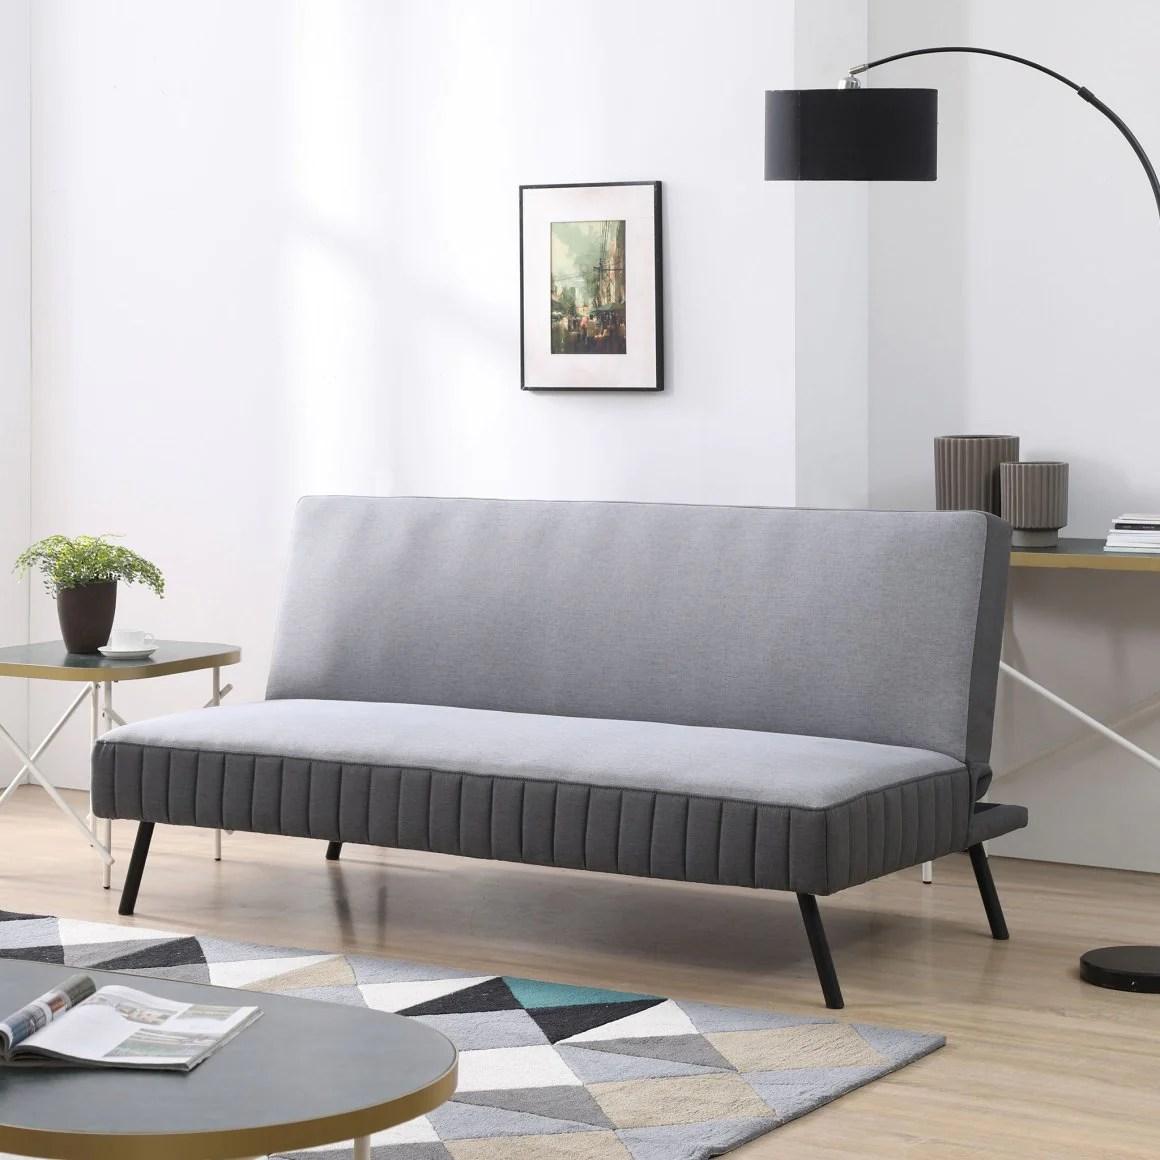 Canapele colorate pentru living modern